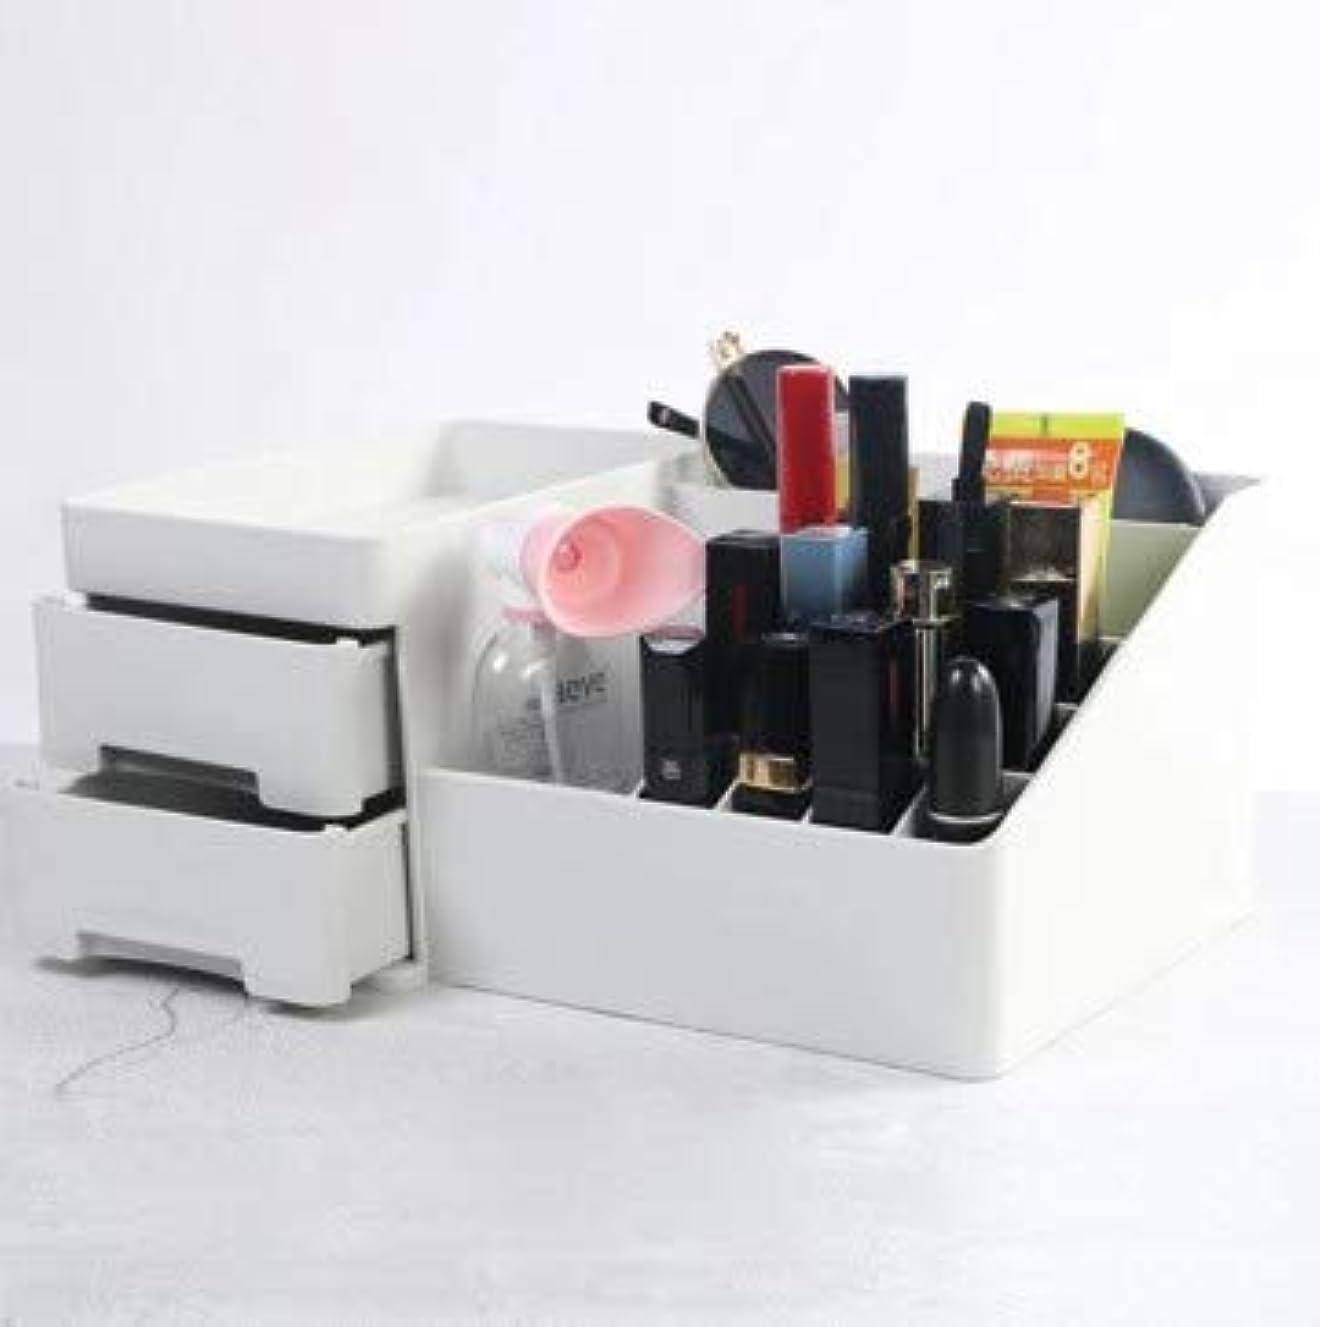 メロドラマスタジオ標準デスクトップ引き出し型化粧品収納ボックスプラスチックドレッシング収納ホーム収納ボックス (Color : グレー)